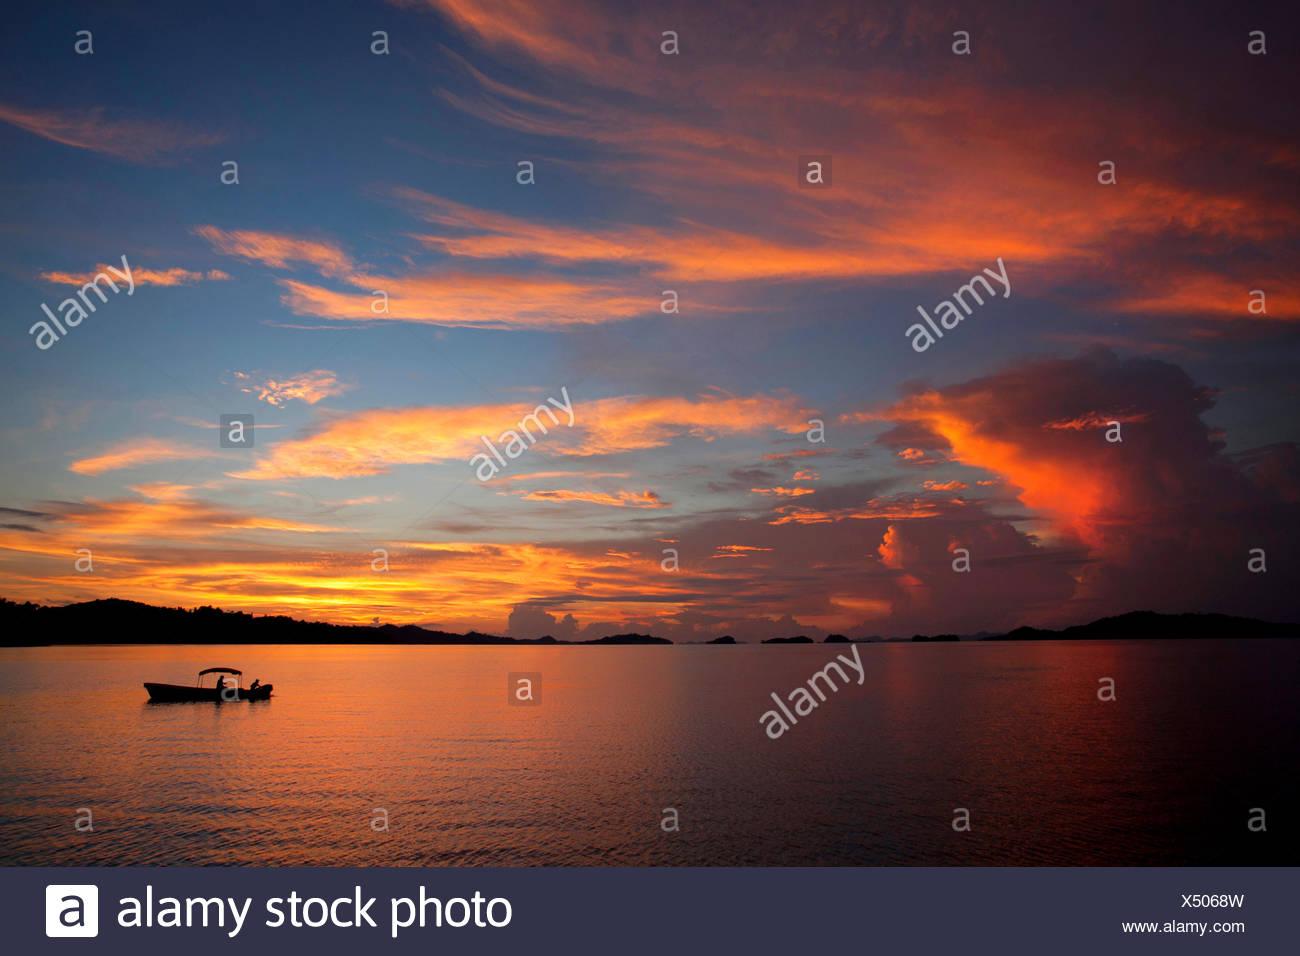 Indonesia, West Papua, Pulau Misool, Misool Island, Evening Calm - Stock Image